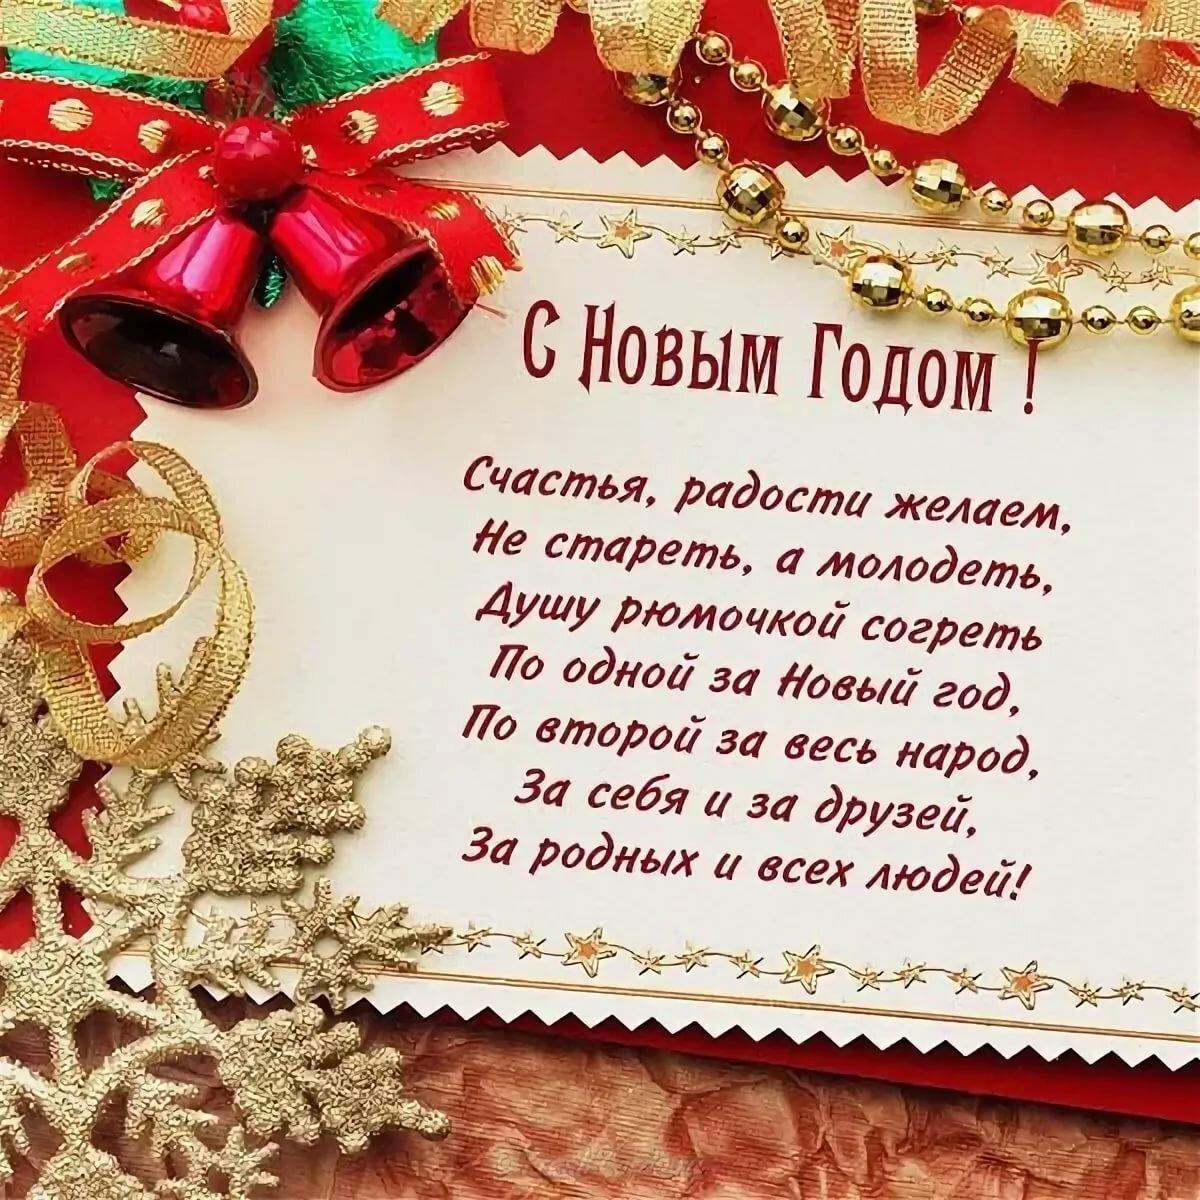 Стиховое поздравления на новый год